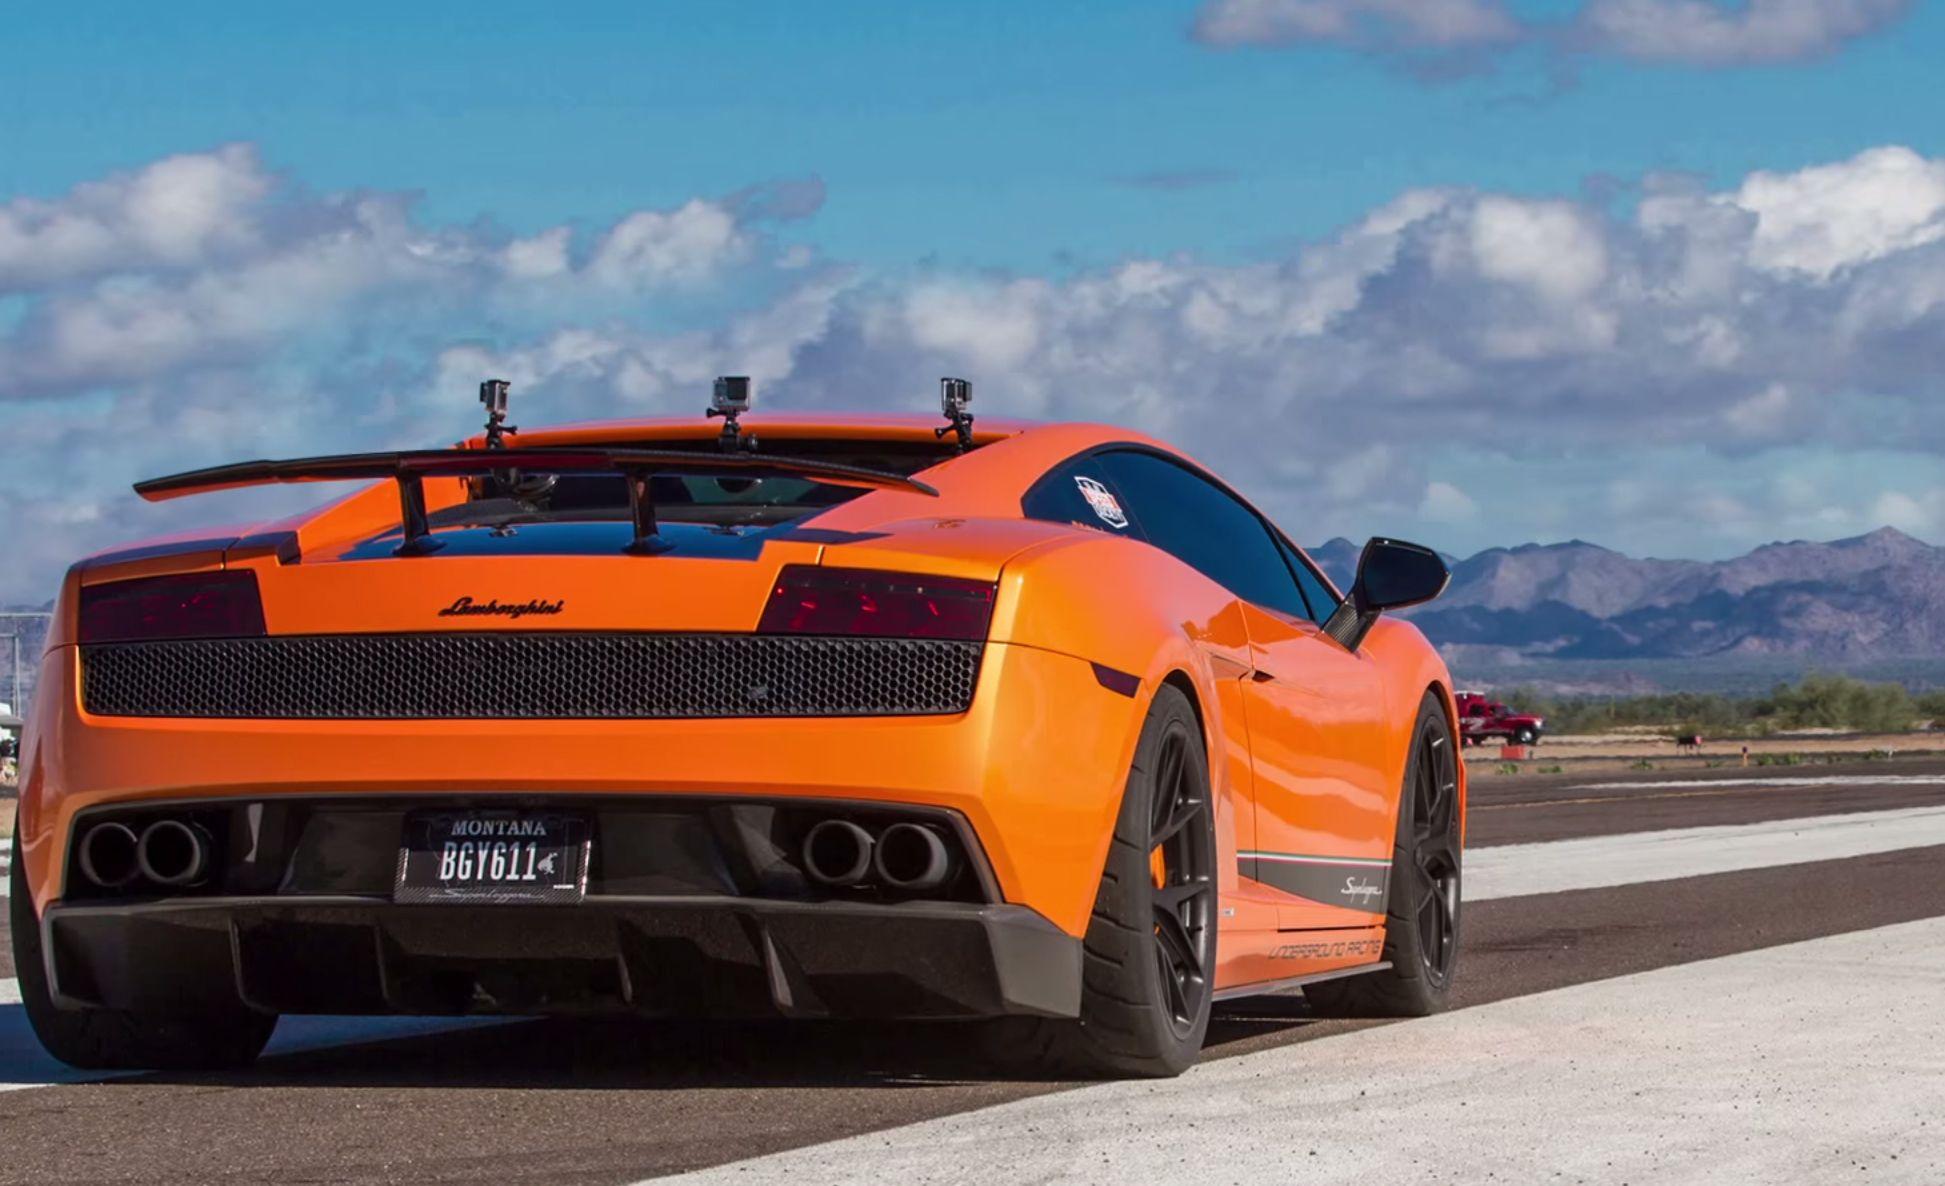 nrm_1424192614-veyron Inspiring Bugatti Veyron Vs Lamborghini Gallardo Cars Trend